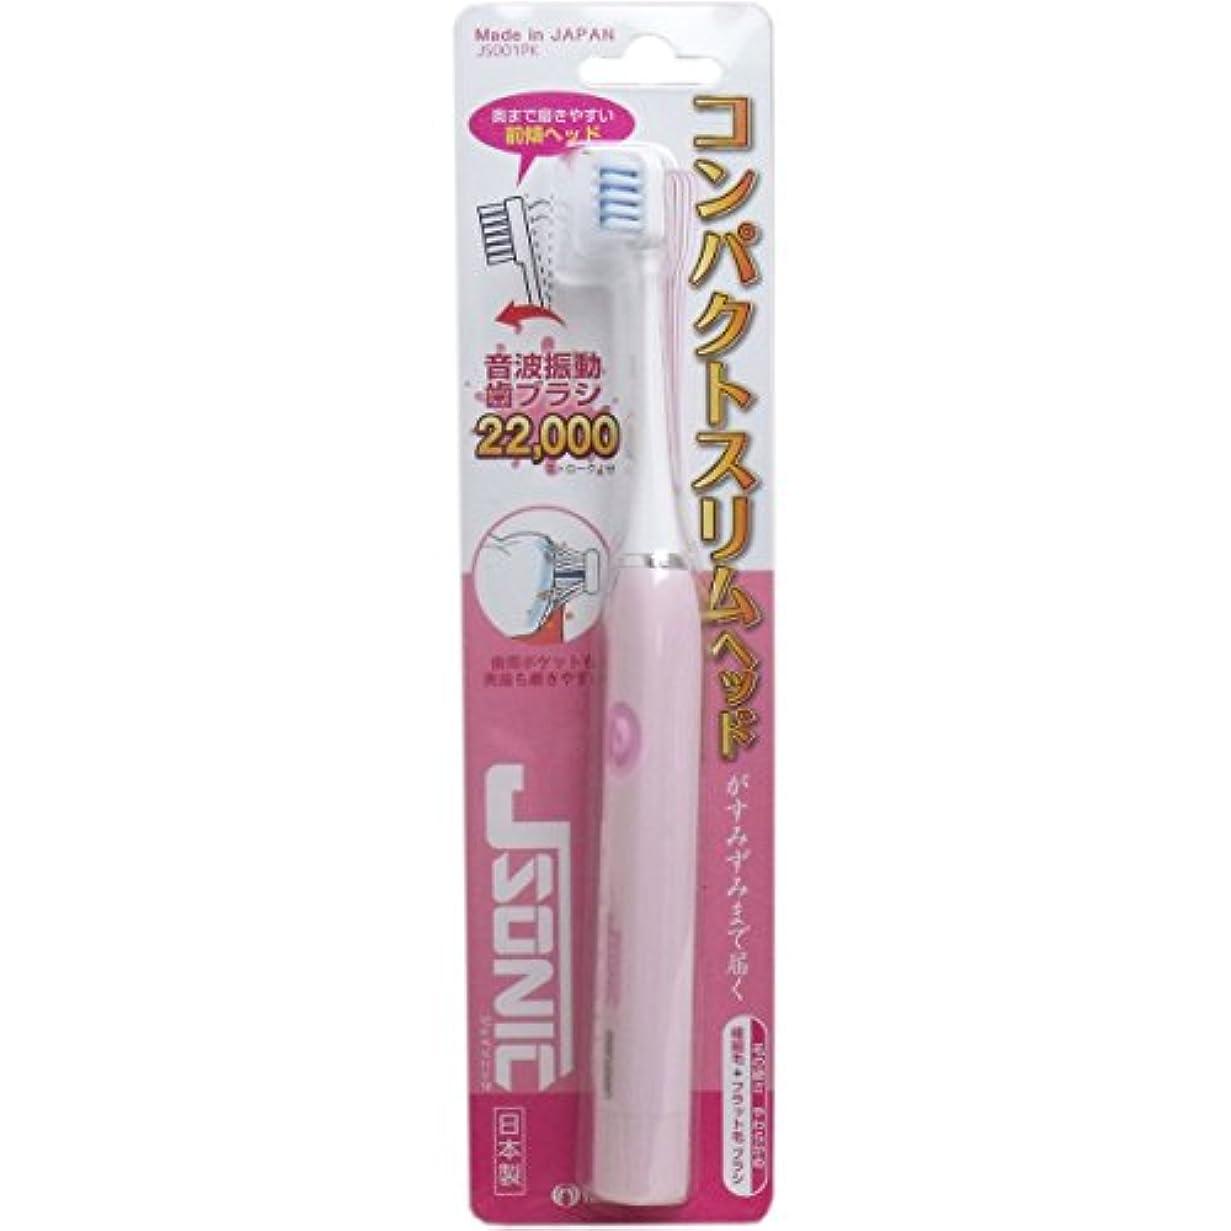 増加する安全でないストレッチジェイソニック 音波振動歯ブラシ コンパクトスリムヘッド ピンク